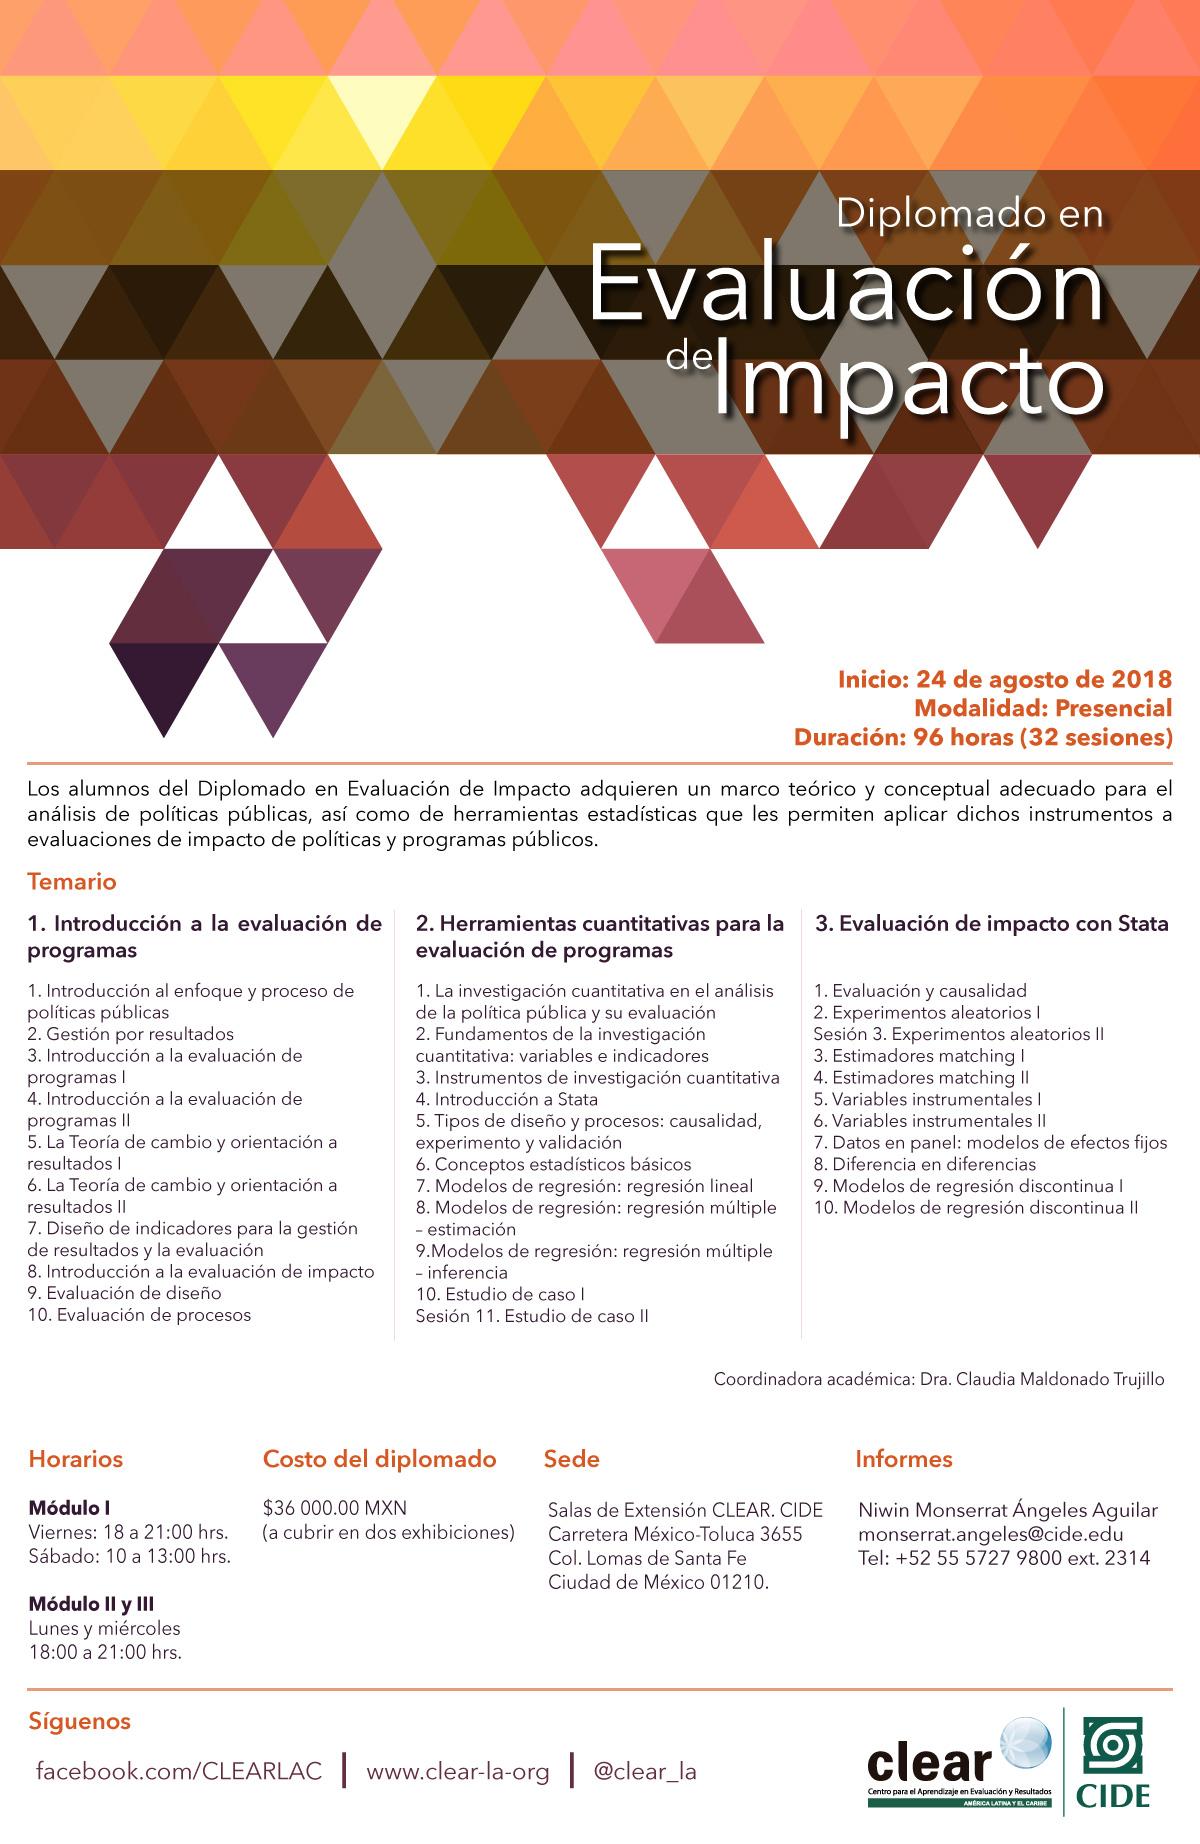 Diplomado en Evaluación de Impacto